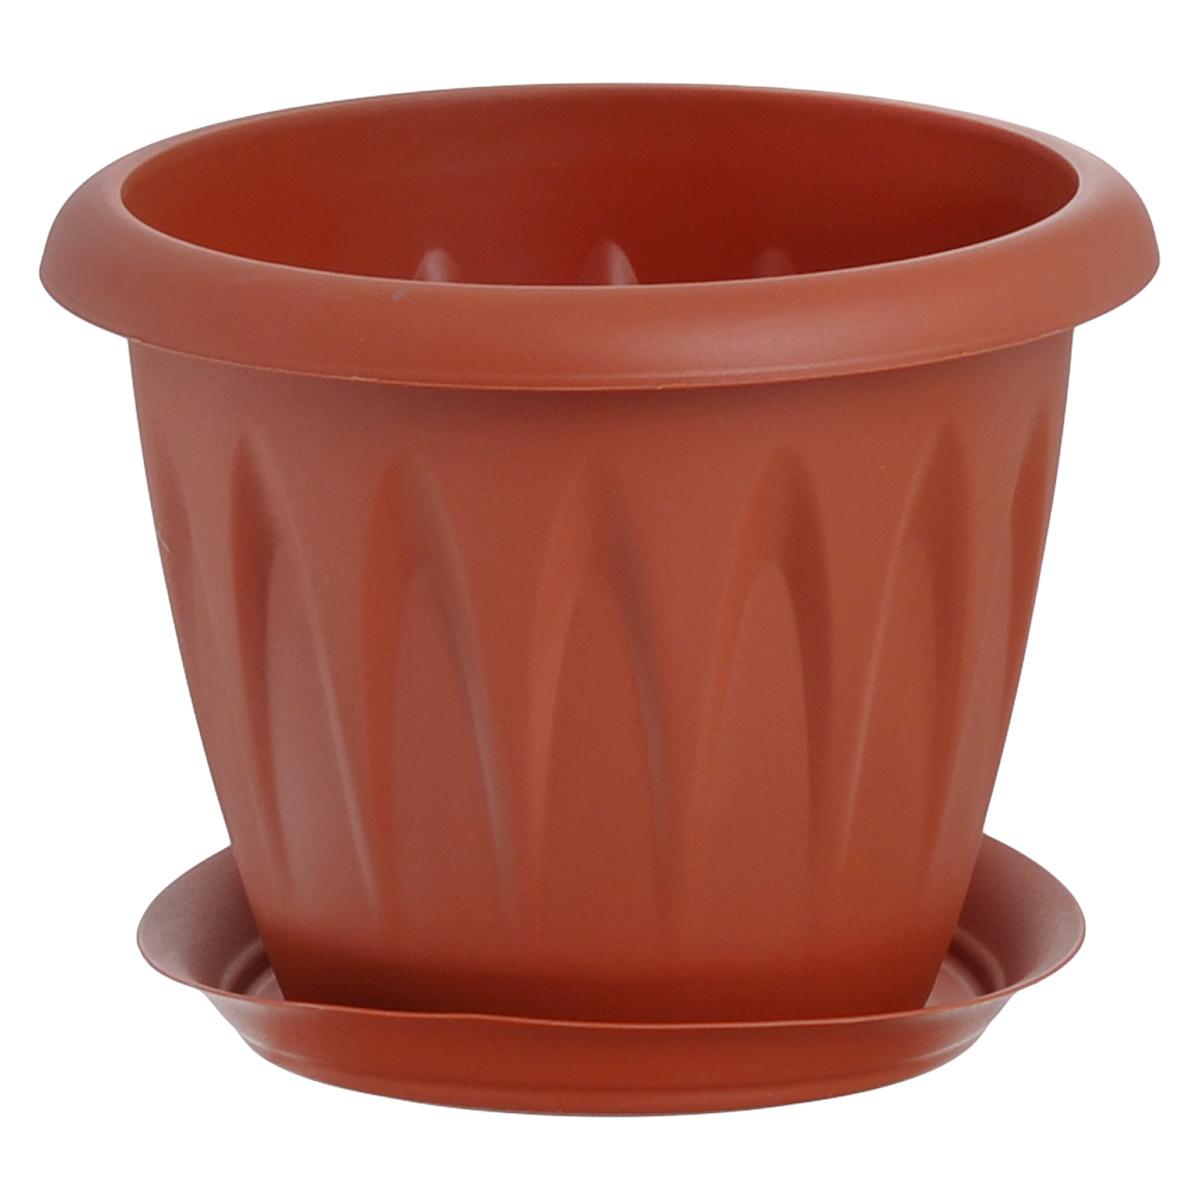 Кашпо Idea Алиция, с поддоном, 2 лGPB1-01-RКашпо Idea Алиция изготовлено из прочного полипропилена (пластика) и предназначено для выращивания растений, цветов и трав в домашних условиях. Круглый поддон обеспечивает сток воды. Такое кашпо порадует вас функциональностью, а благодаря лаконичному дизайну впишется в любой интерьер помещения. Диаметр кашпо по верхнему краю: 18 см. Высота кашпо: 14 см. Диаметр поддона: 13 см. Объем кашпо: 2 л.